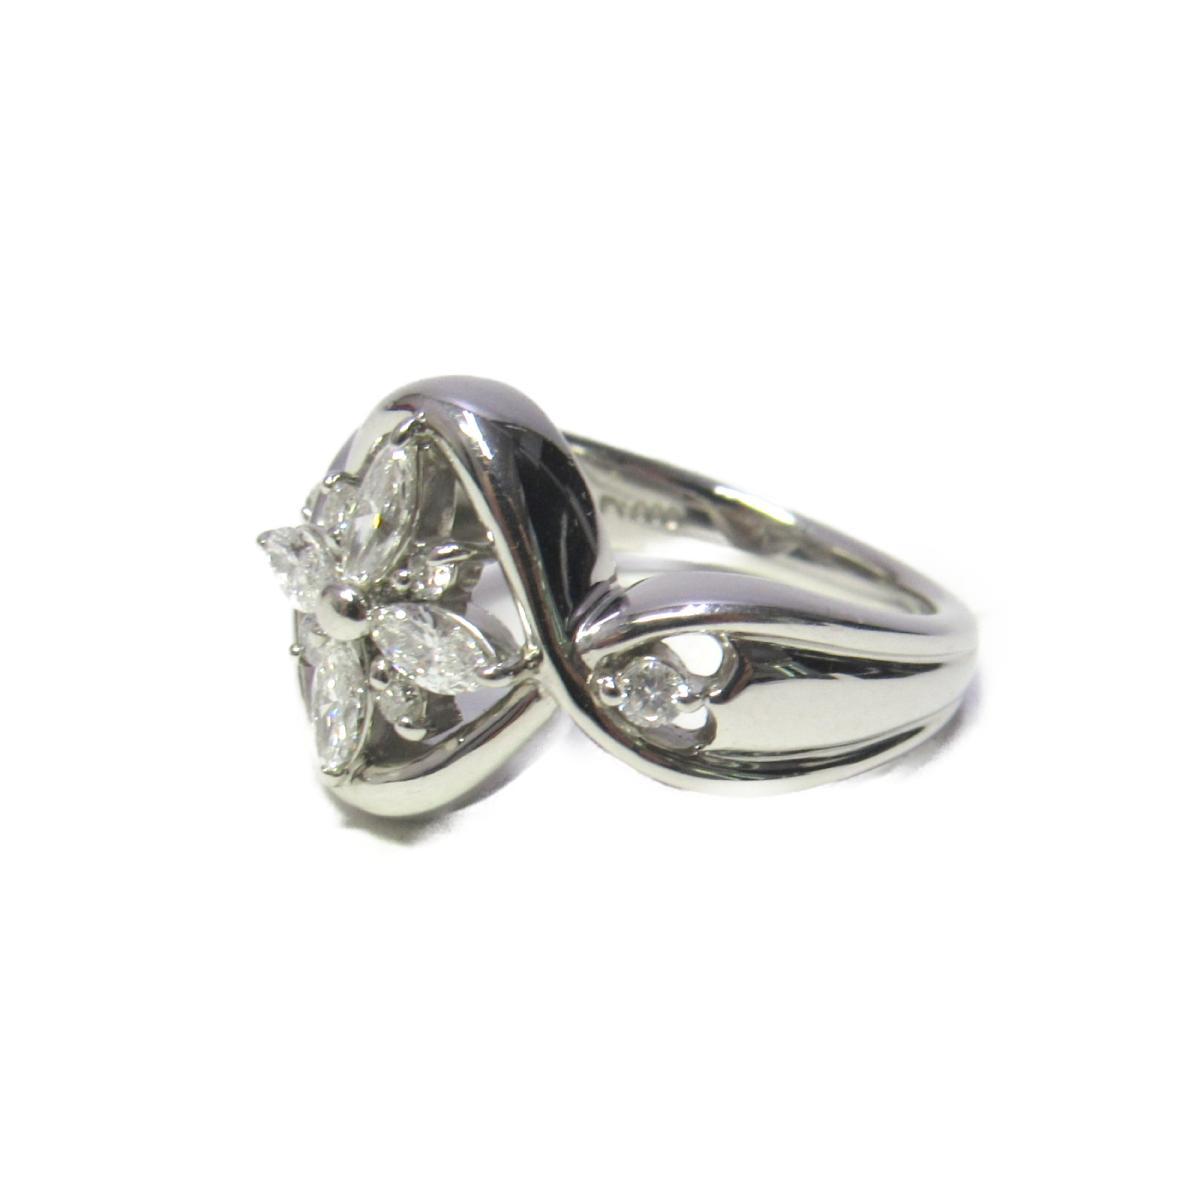 【中古】ジュエリー リング レディース PT900 プラチナ x ダイヤモンド0.56 | JEWELRY BRANDOFF ブランドオフ ブランド ジュエリー アクセサリー 指輪